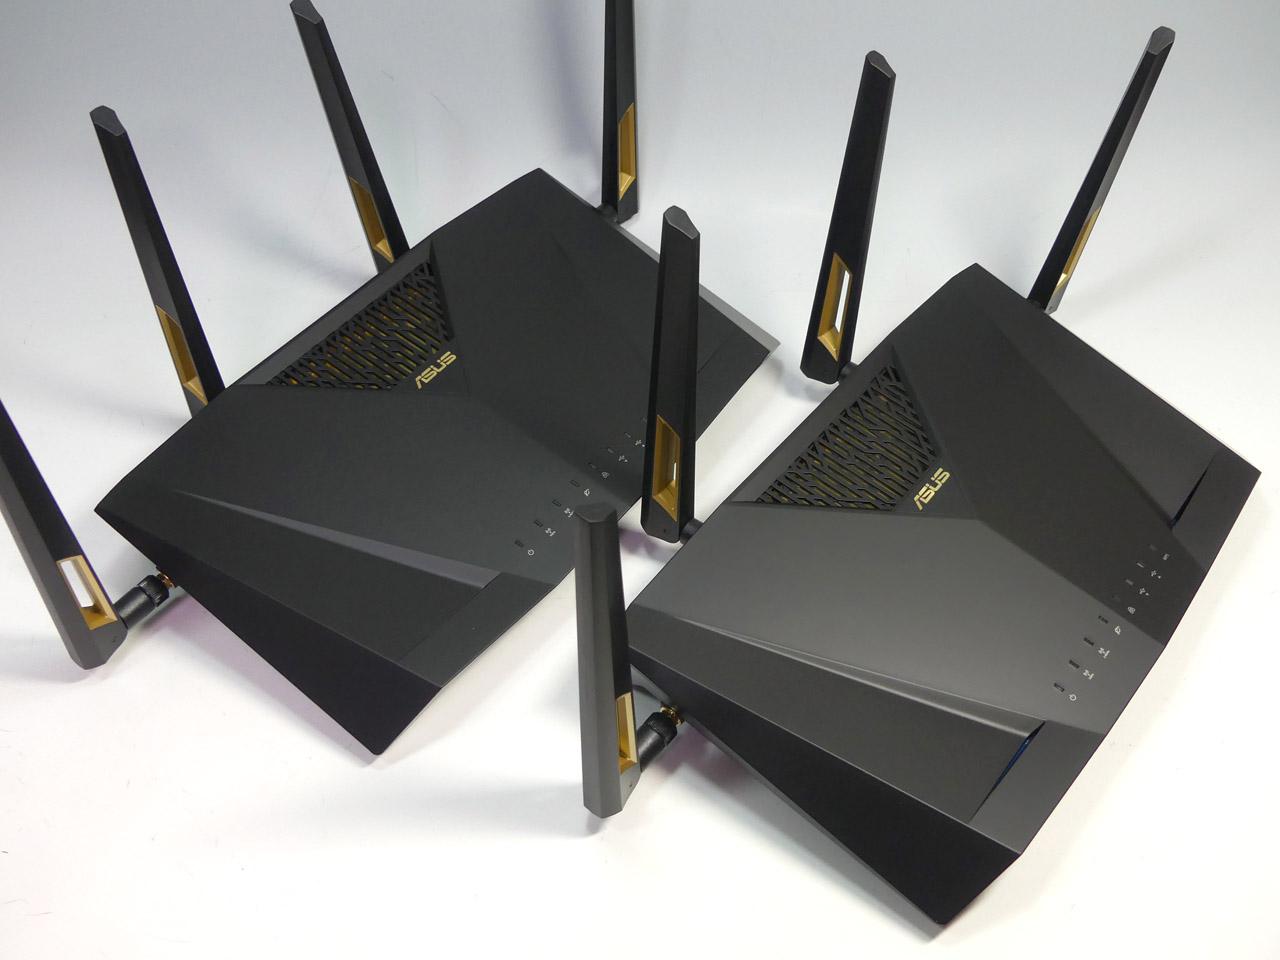 ASUSのドラフト版IEEE 802.11axに対応した「RT-AX88U」。今回のテストでは2台を使い、対向による通信で11axの真の実力を測ってみた